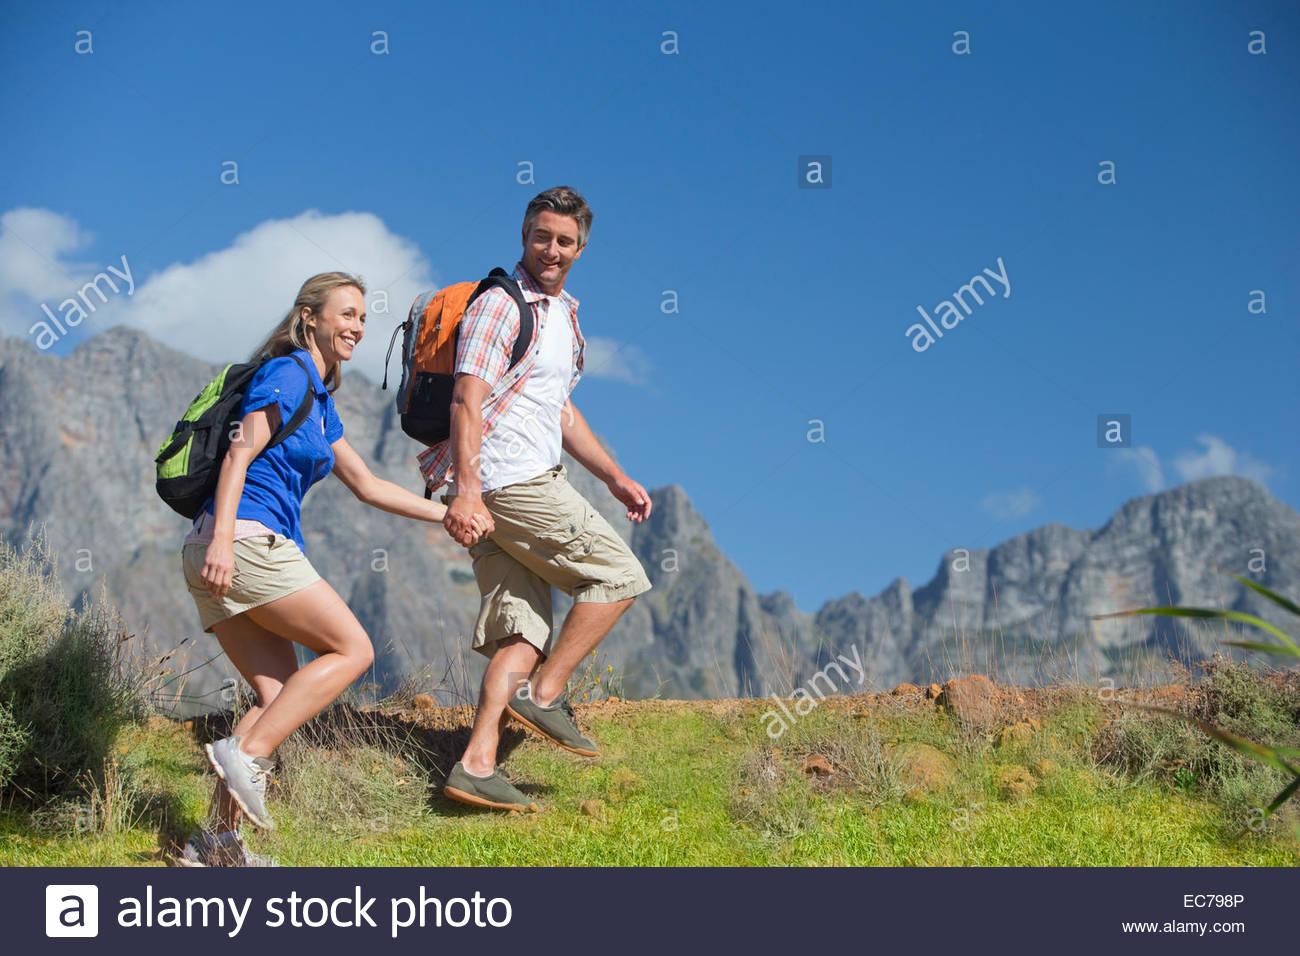 Escursionismo coppia su un sentiero di montagna Immagini Stock